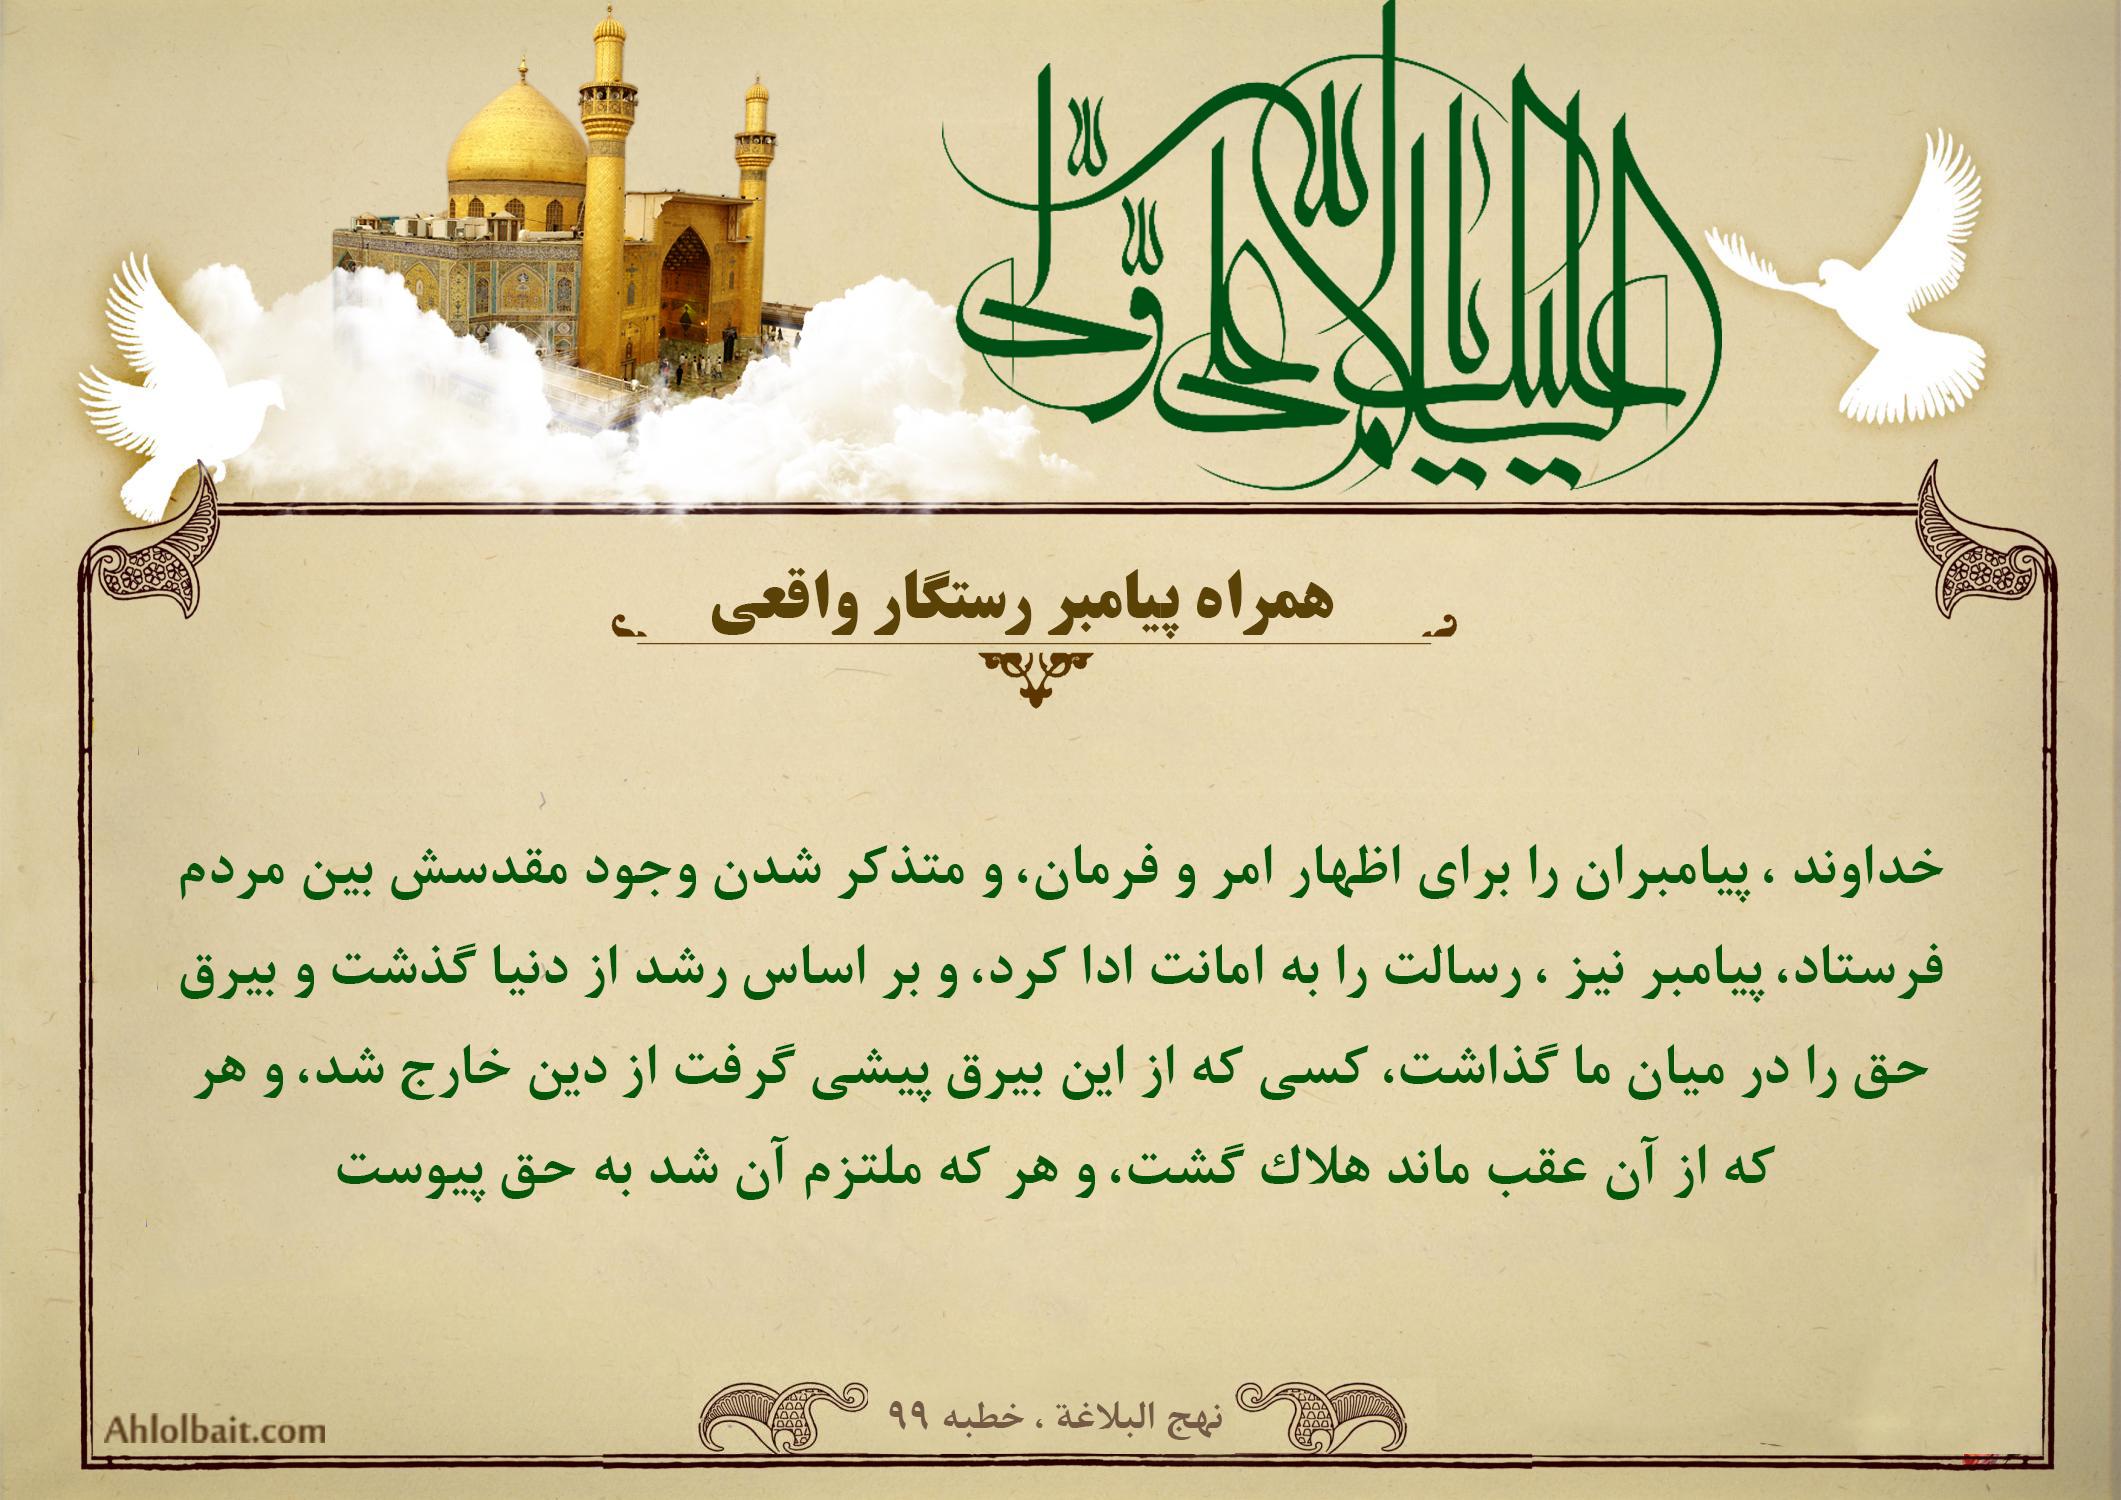 http://ahlolbait.com/files/u947/hamrah-peyambar.jpg